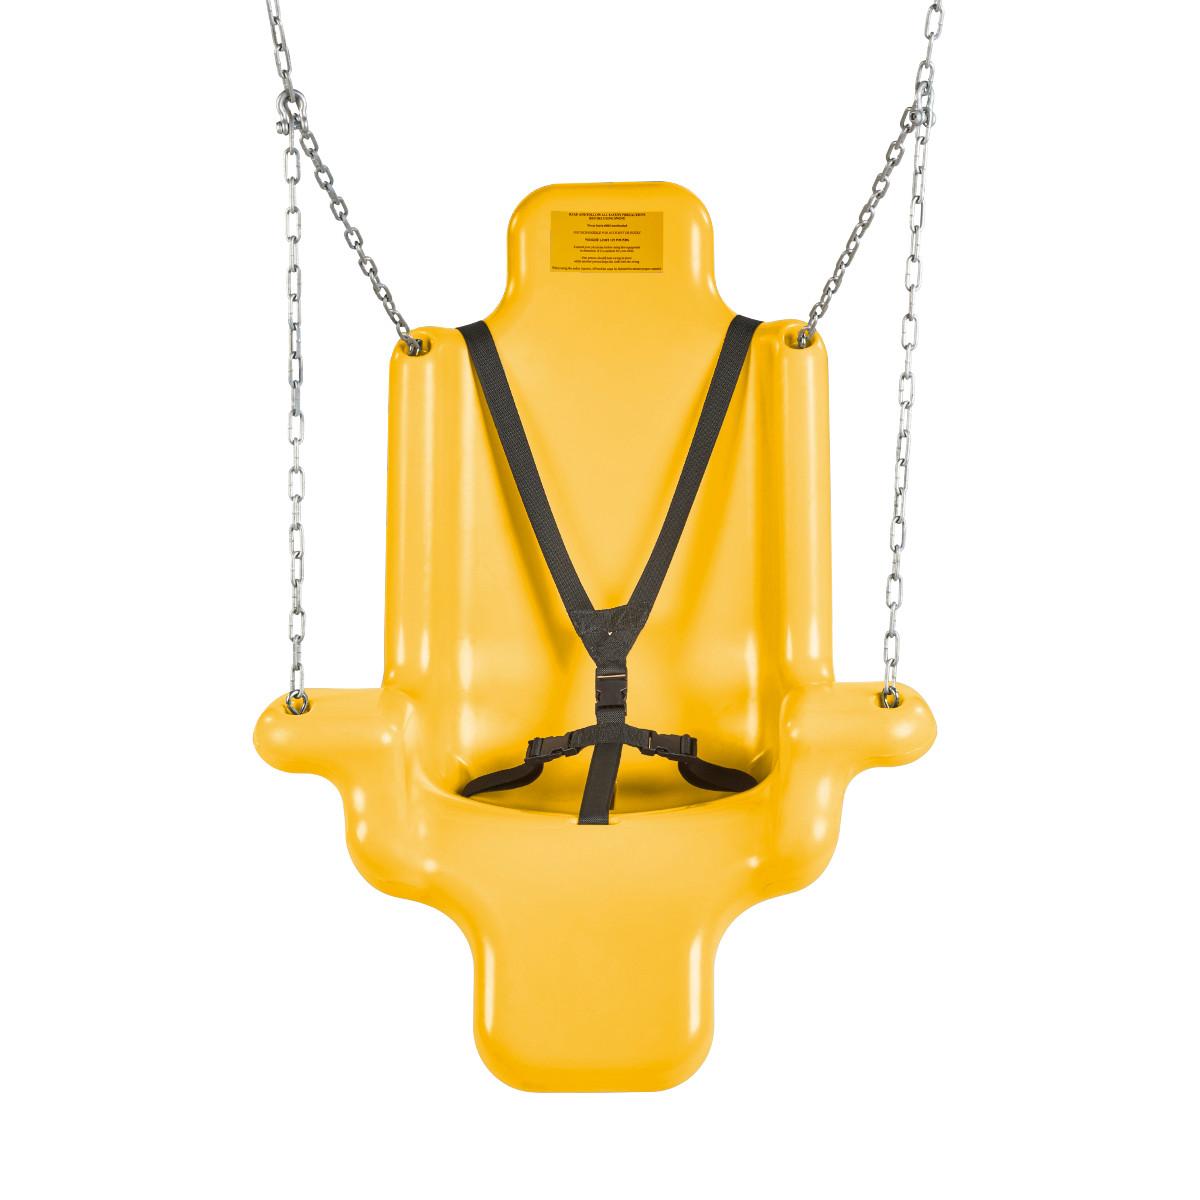 Adaptive Swing Seat (ADP-10) - Yellow